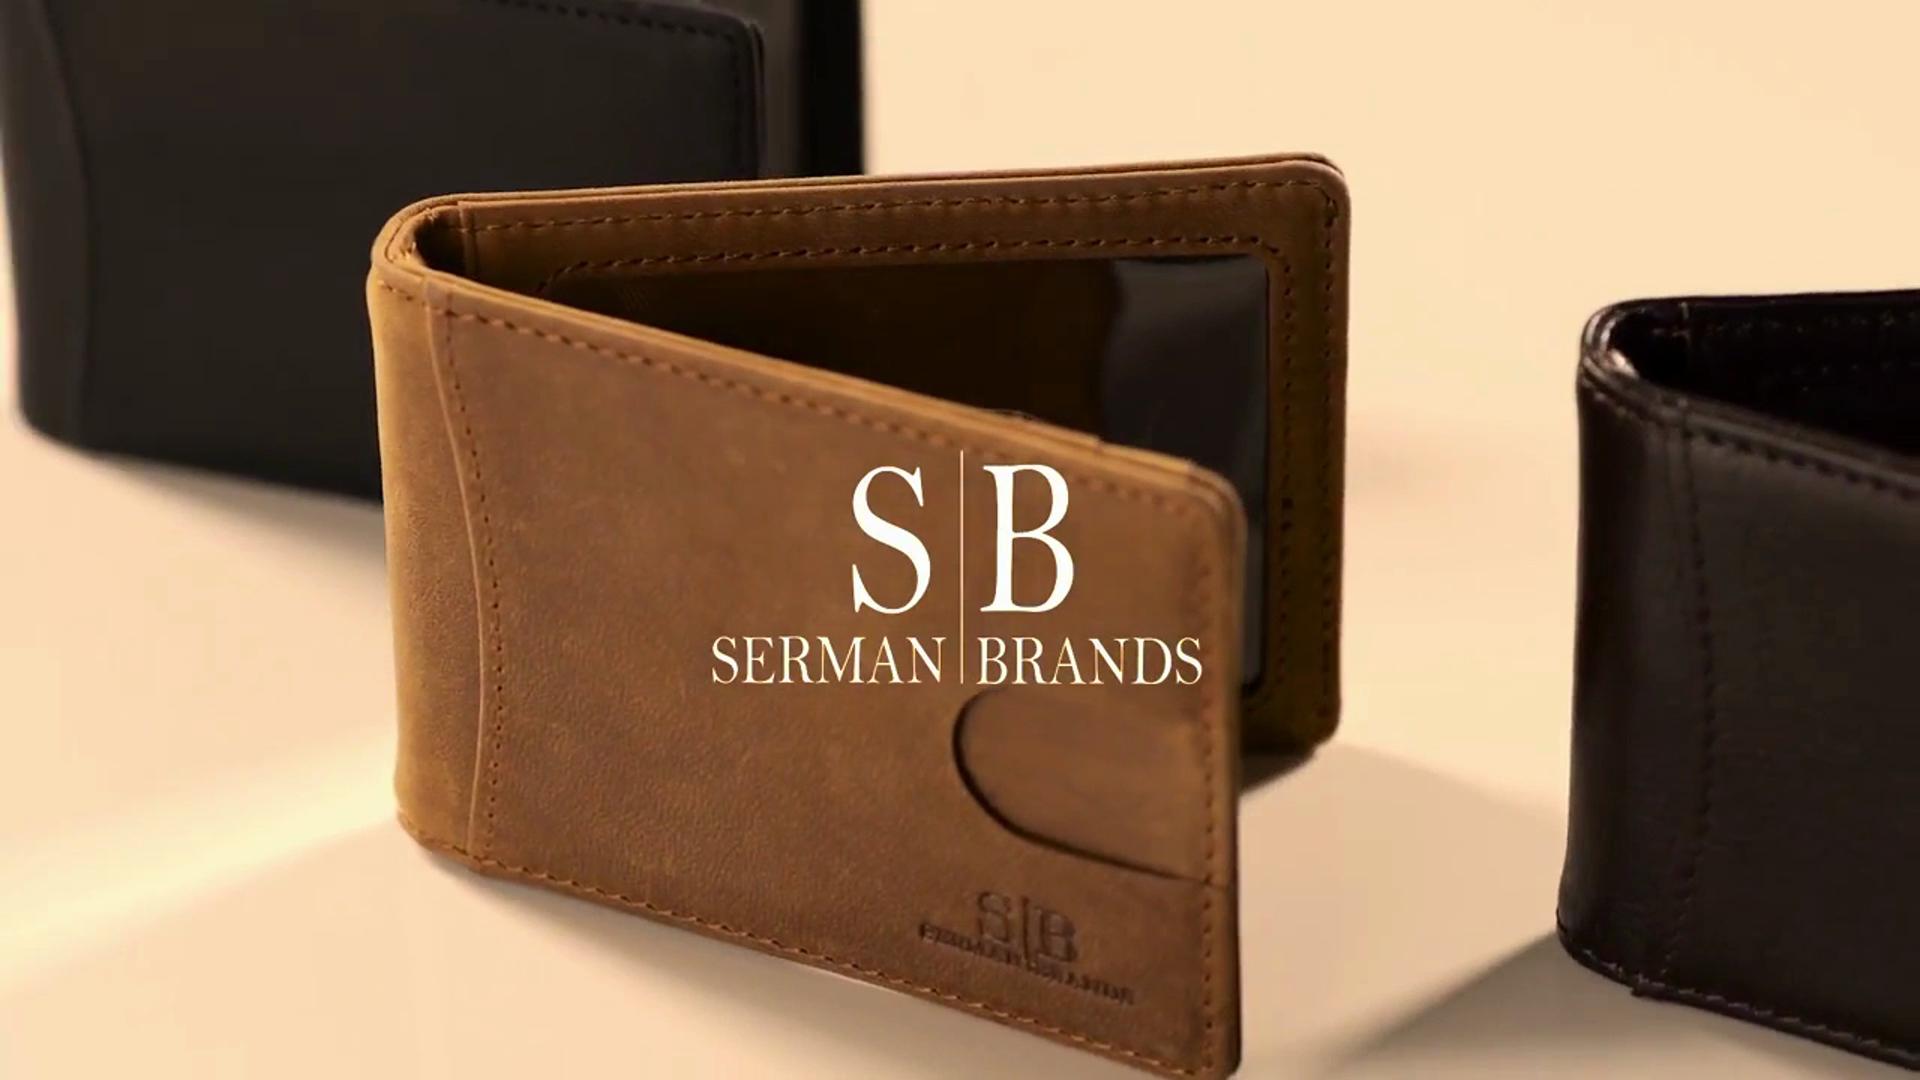 Serman Brands Men/'s Leather Wallet ID Pocket RFID Money Clip Slim Texas Brown